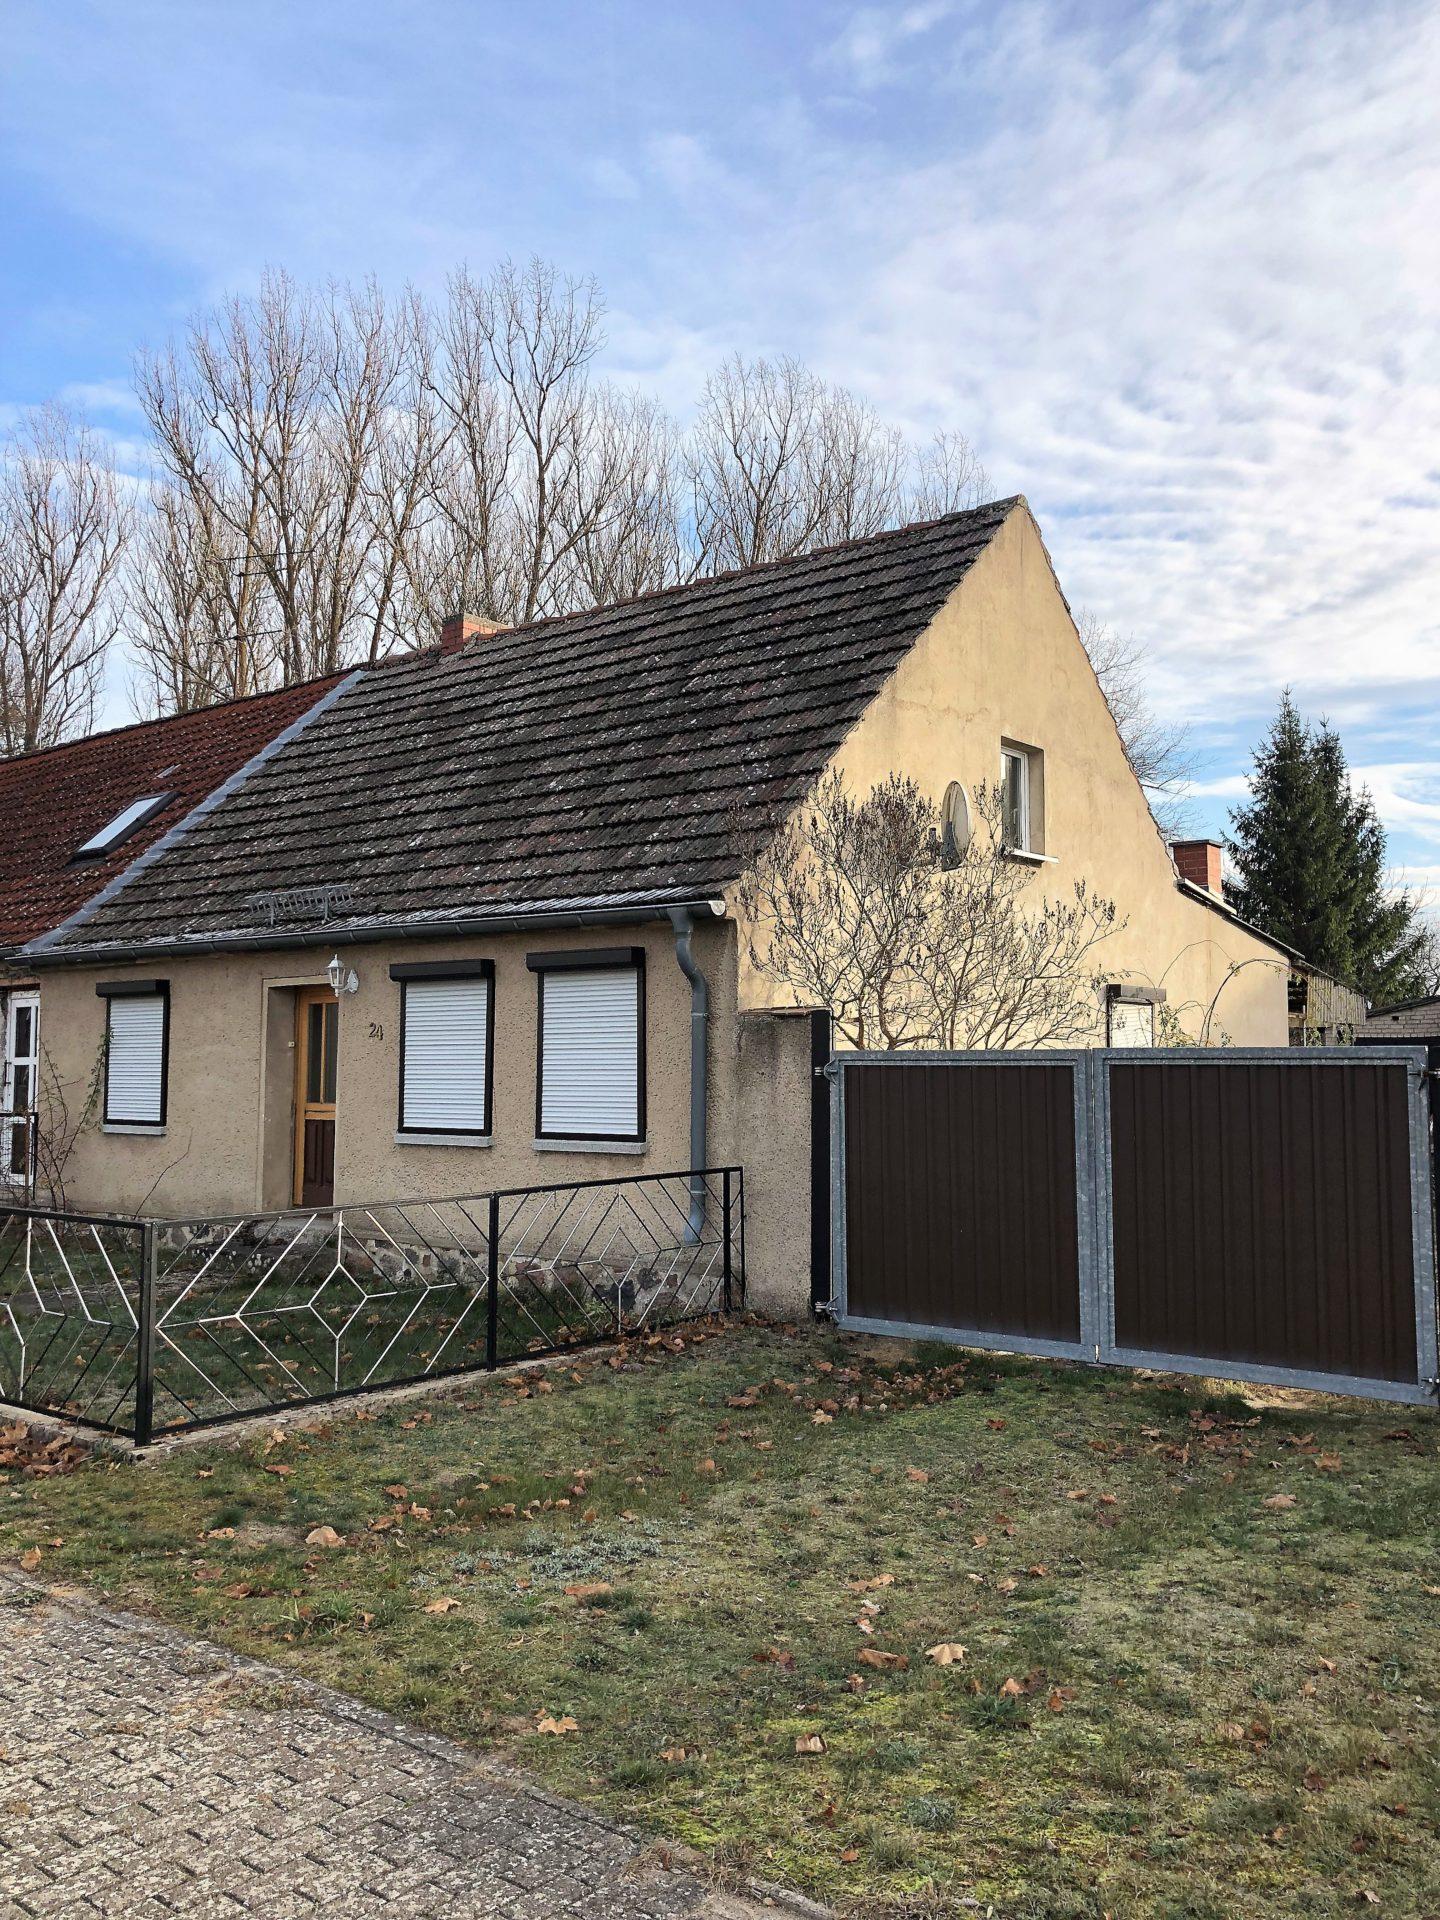 Doppelhaushälfte Mit Scheune Und Großen Grundstück Lehnitzsee